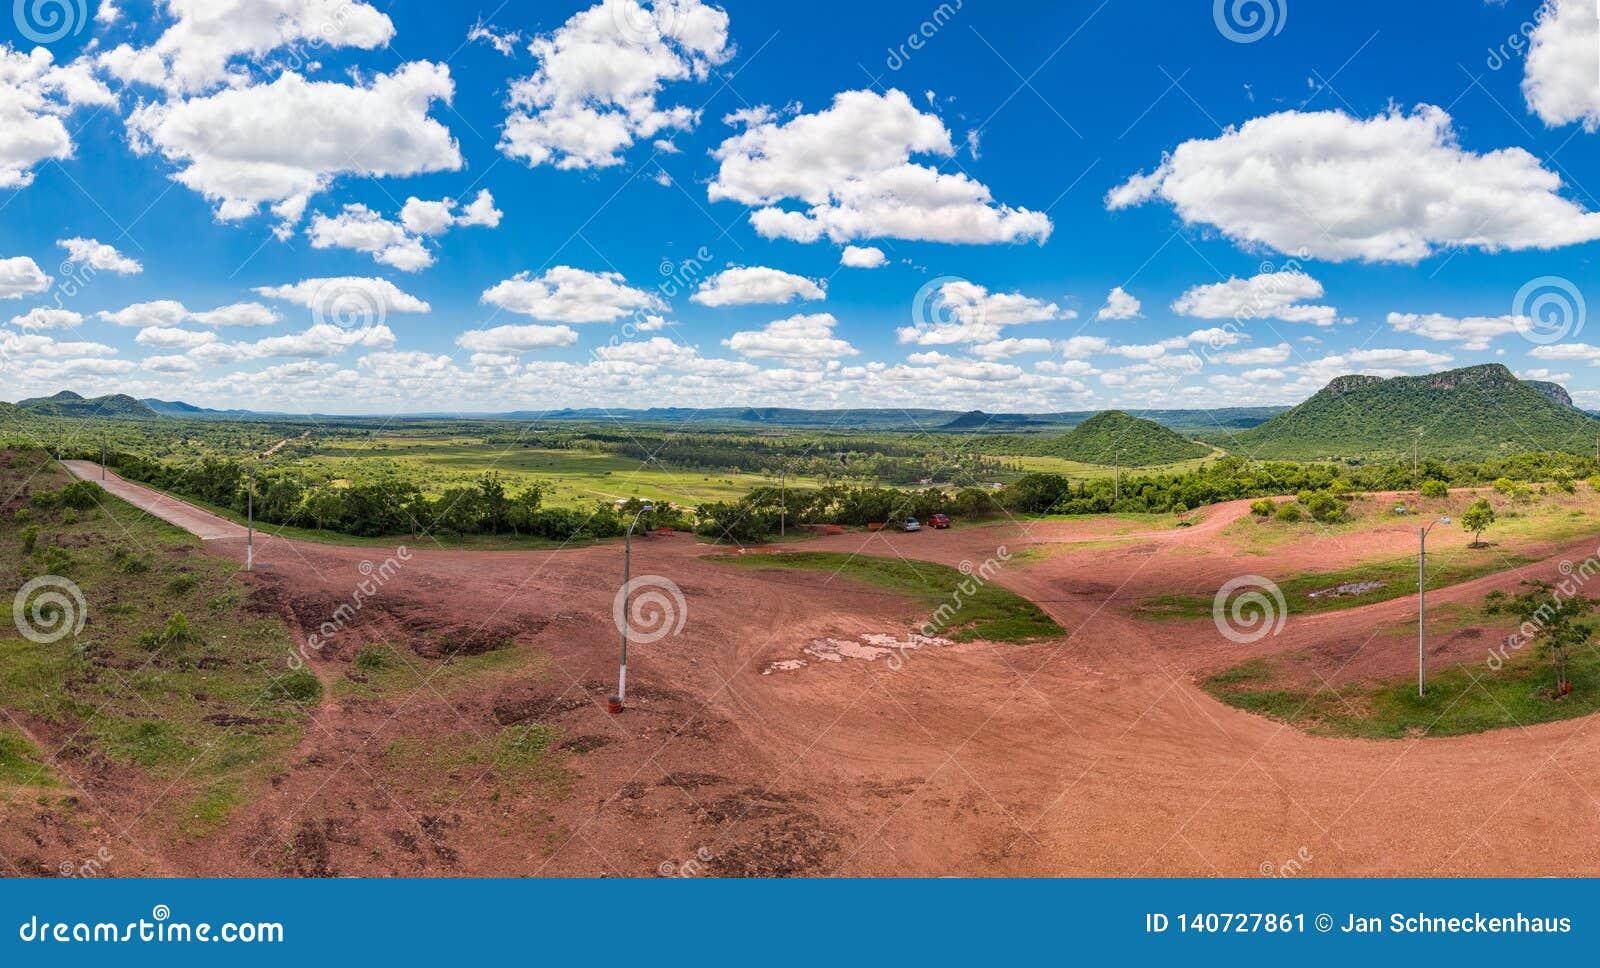 Вертикальная панорама, сфотографированная от Cerro Pero в Парагвае